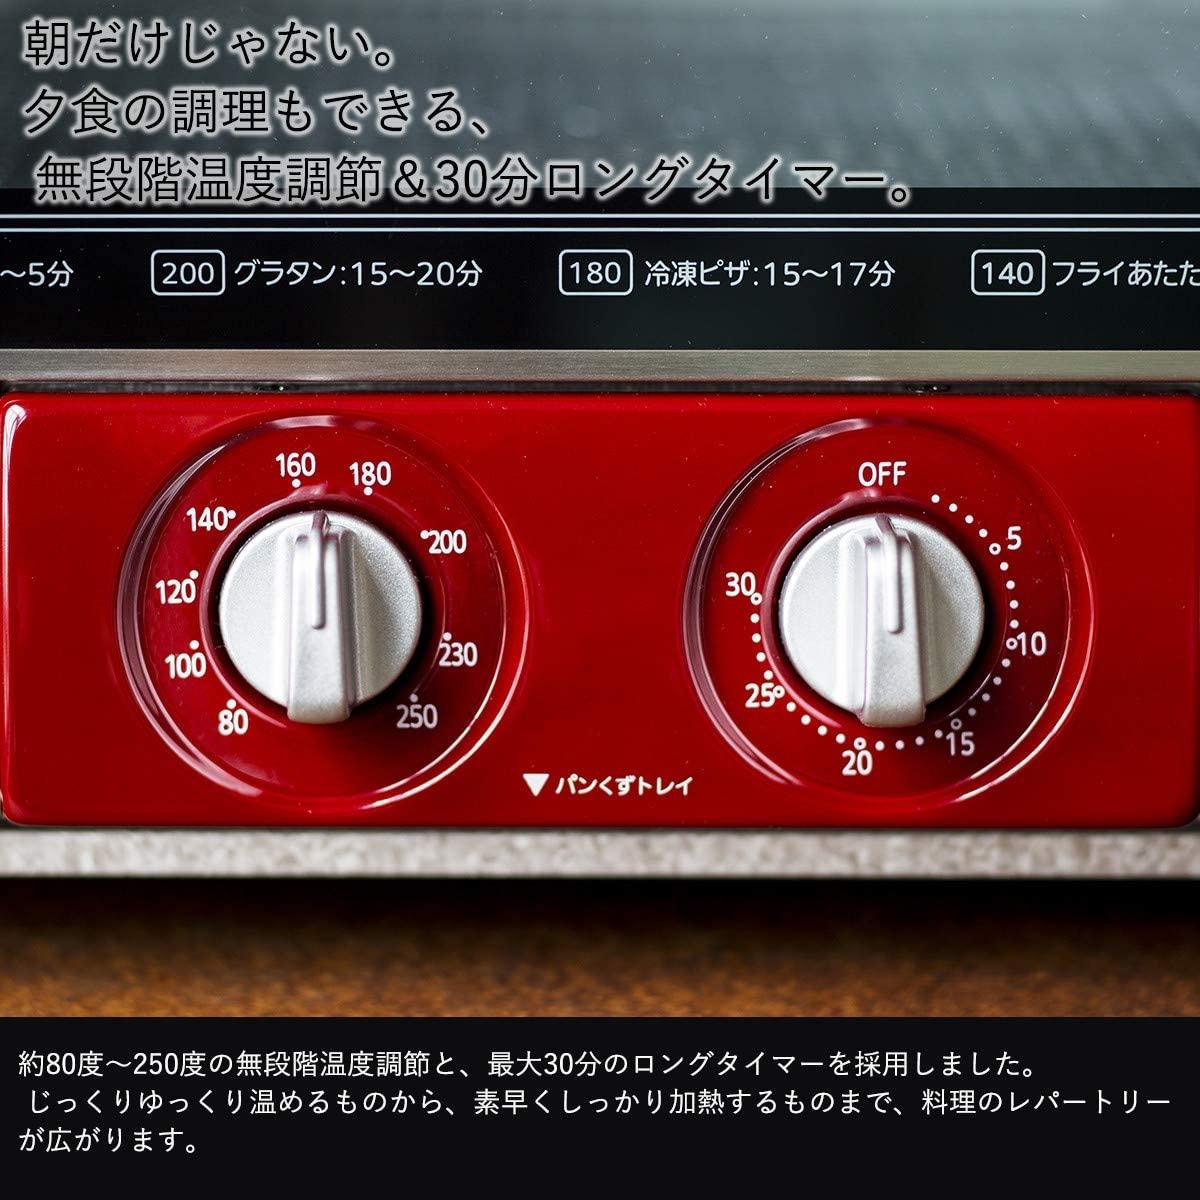 タイガー魔法瓶(たいがーまほうびん)オーブントースターKAE-G13Nの商品画像9